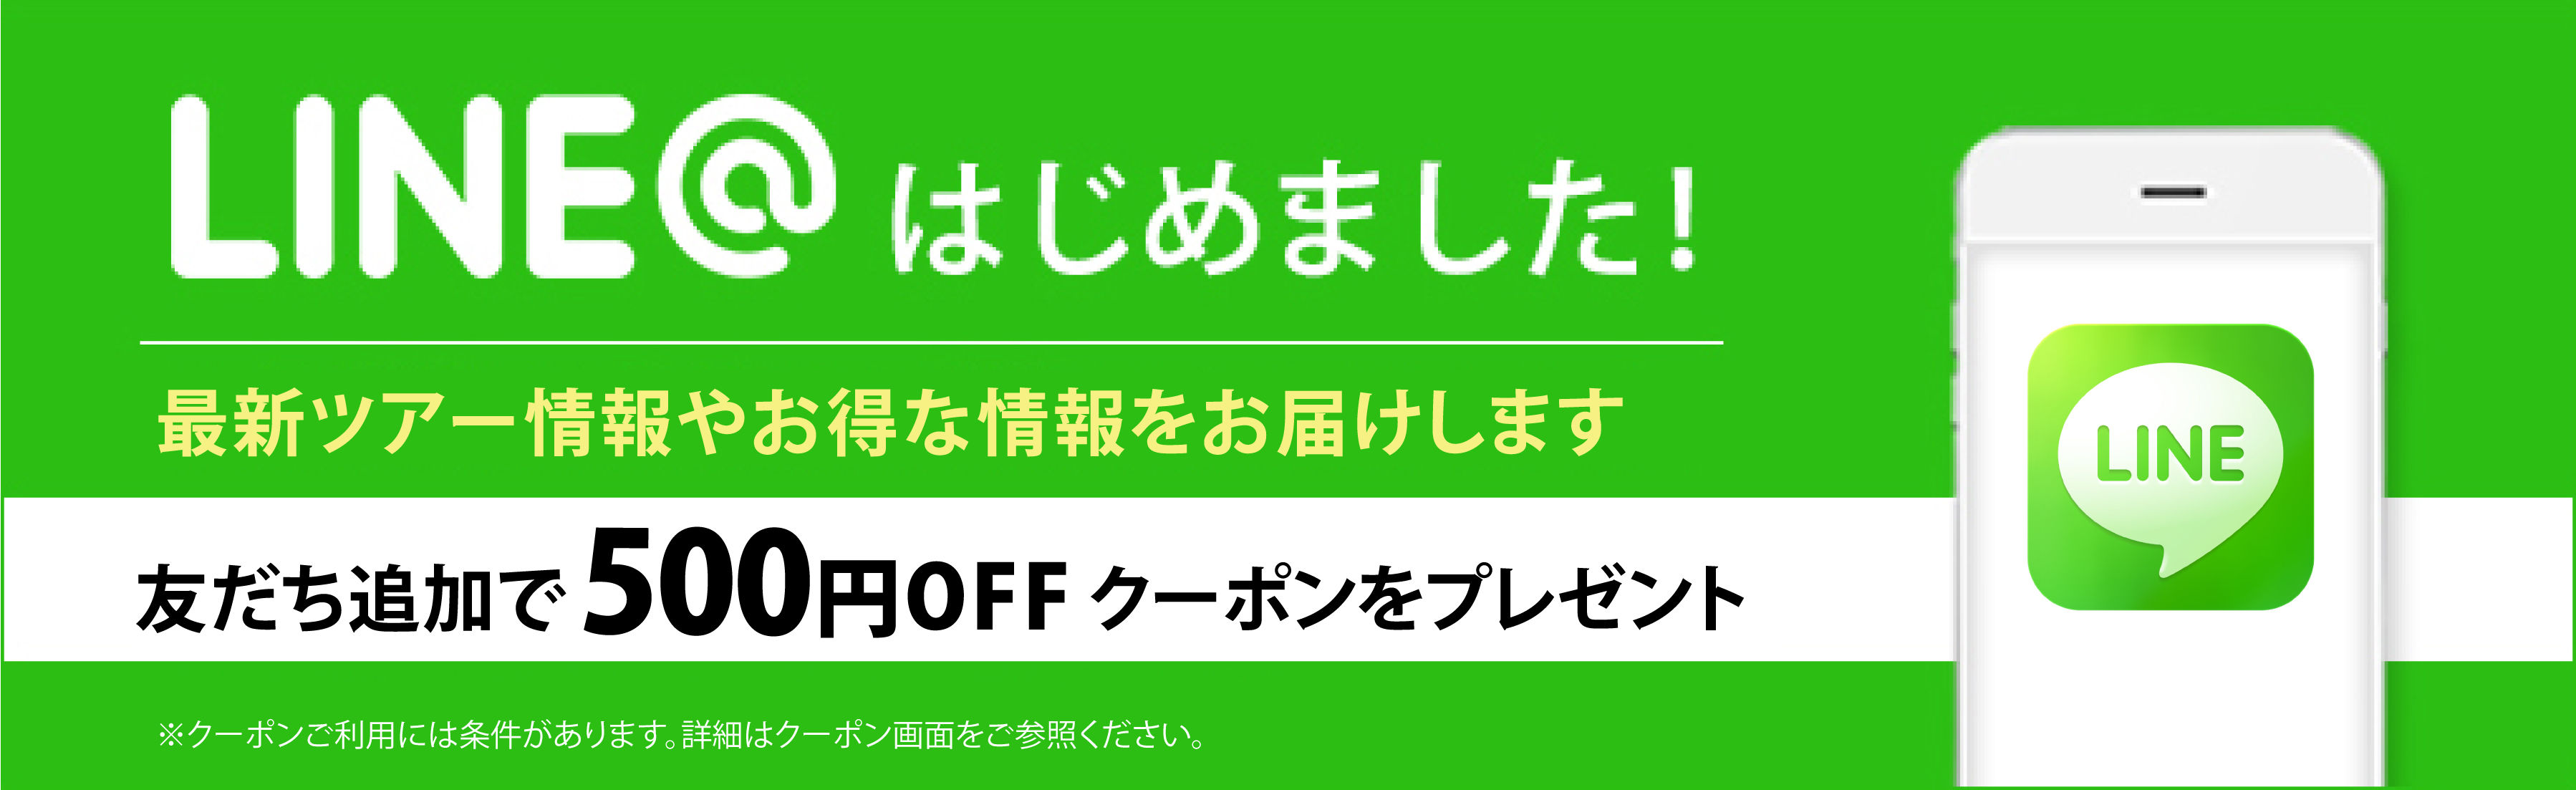 start_20170525163001a13.jpg